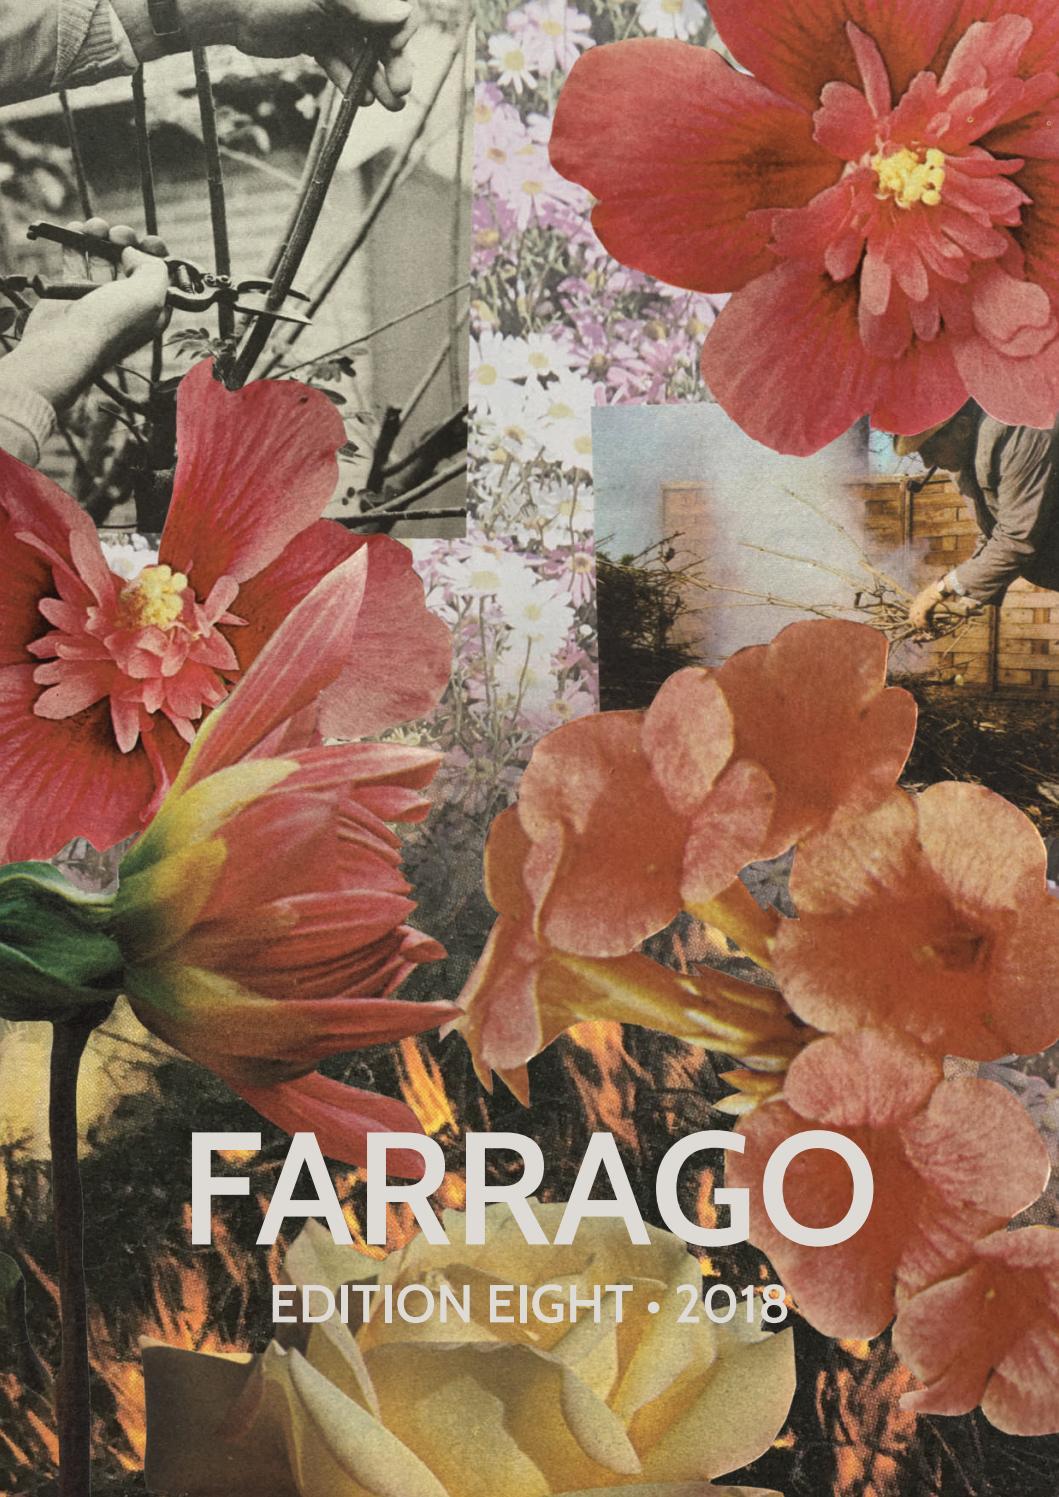 2018 Edition 8 by Farrago Magazine - issuu